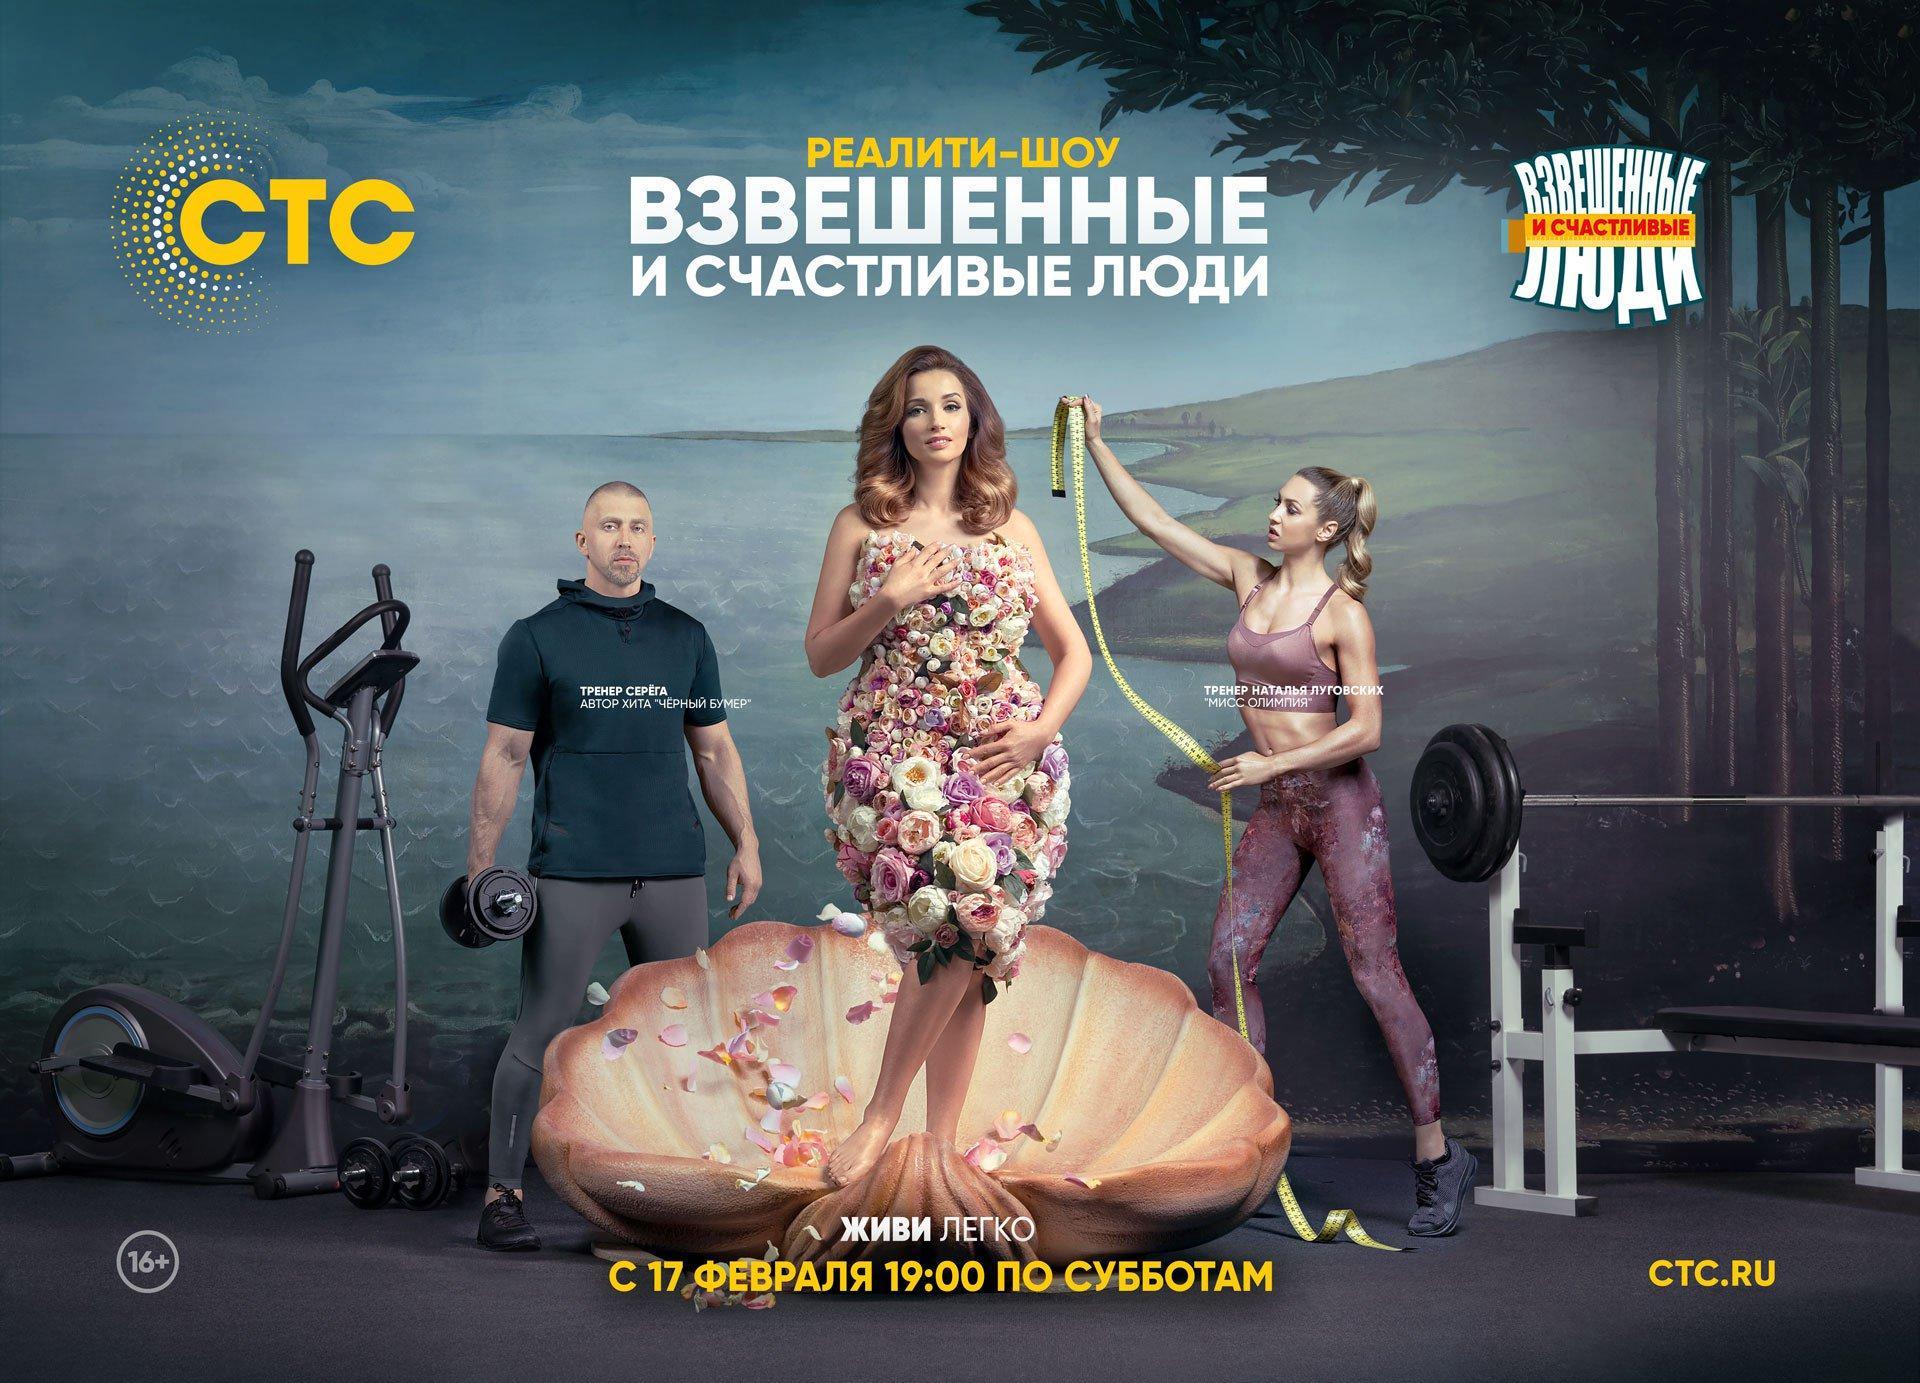 Публикация с тегами: Трейлеры, Реалити-шоу, Русский язык, Взвешенные и счастливые люди, Россия